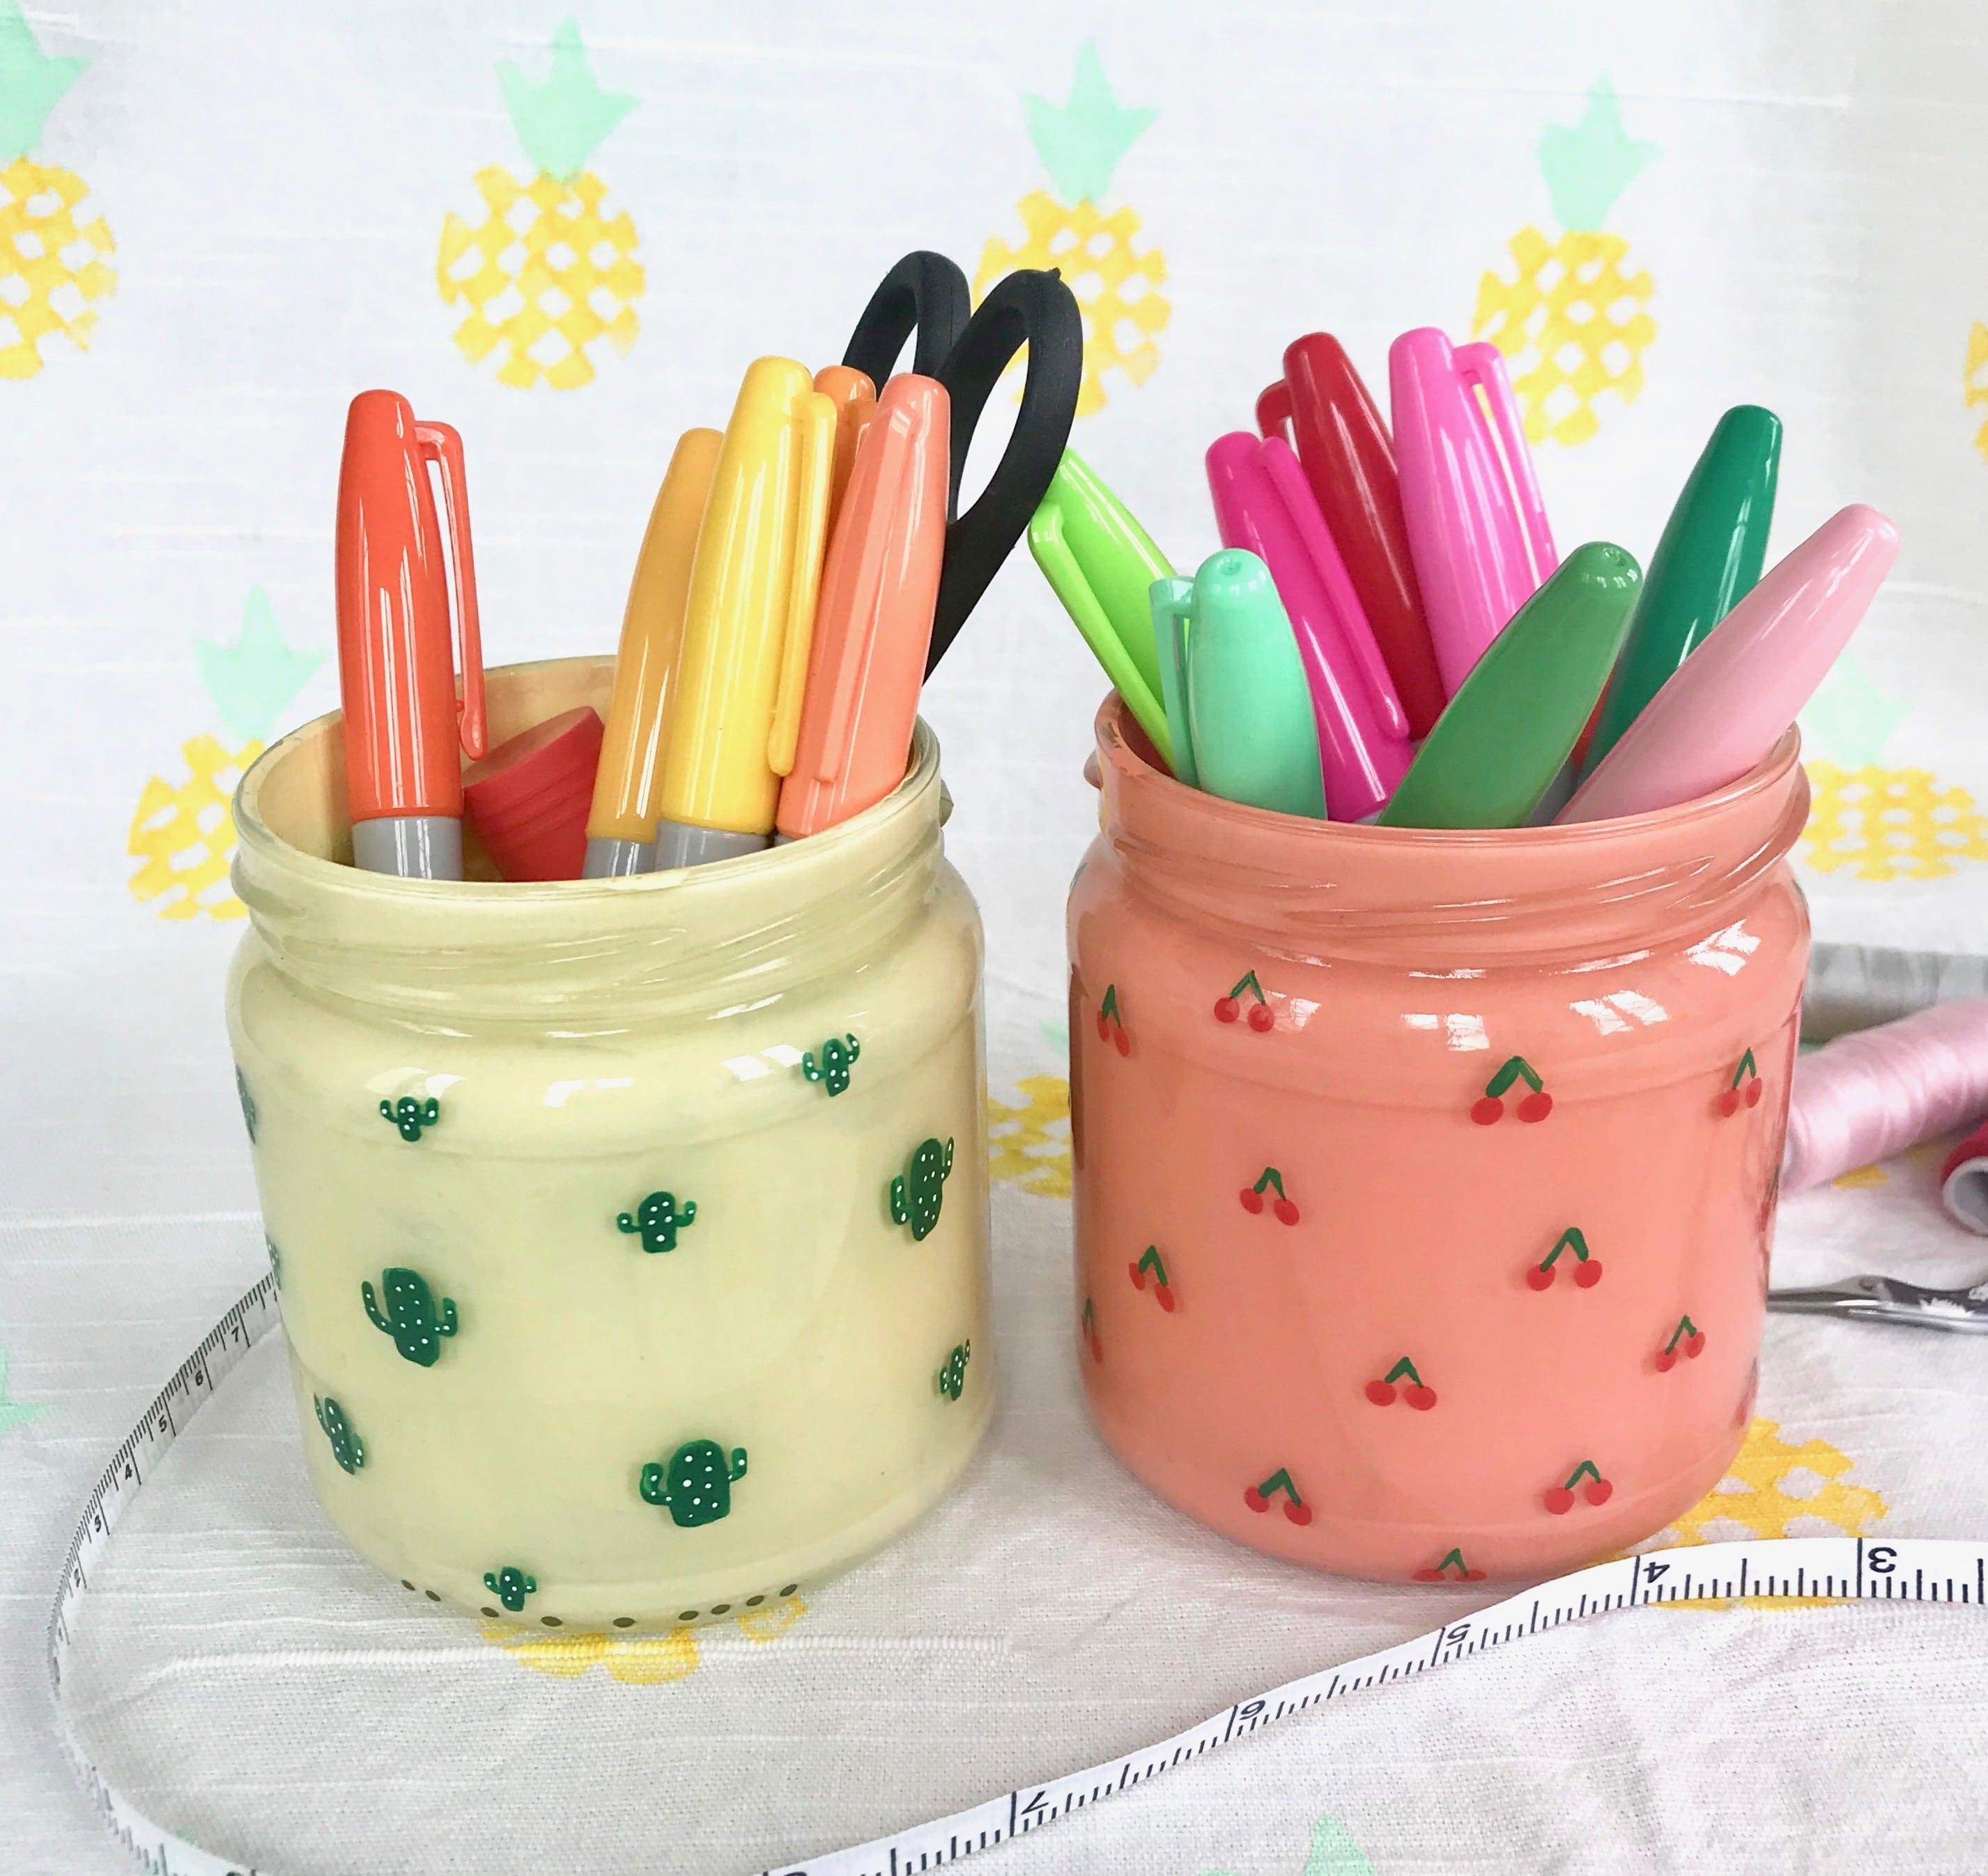 Stiftehalter selber machen, Kaktus, Kirschen, Ananas, Melone, Upcycling